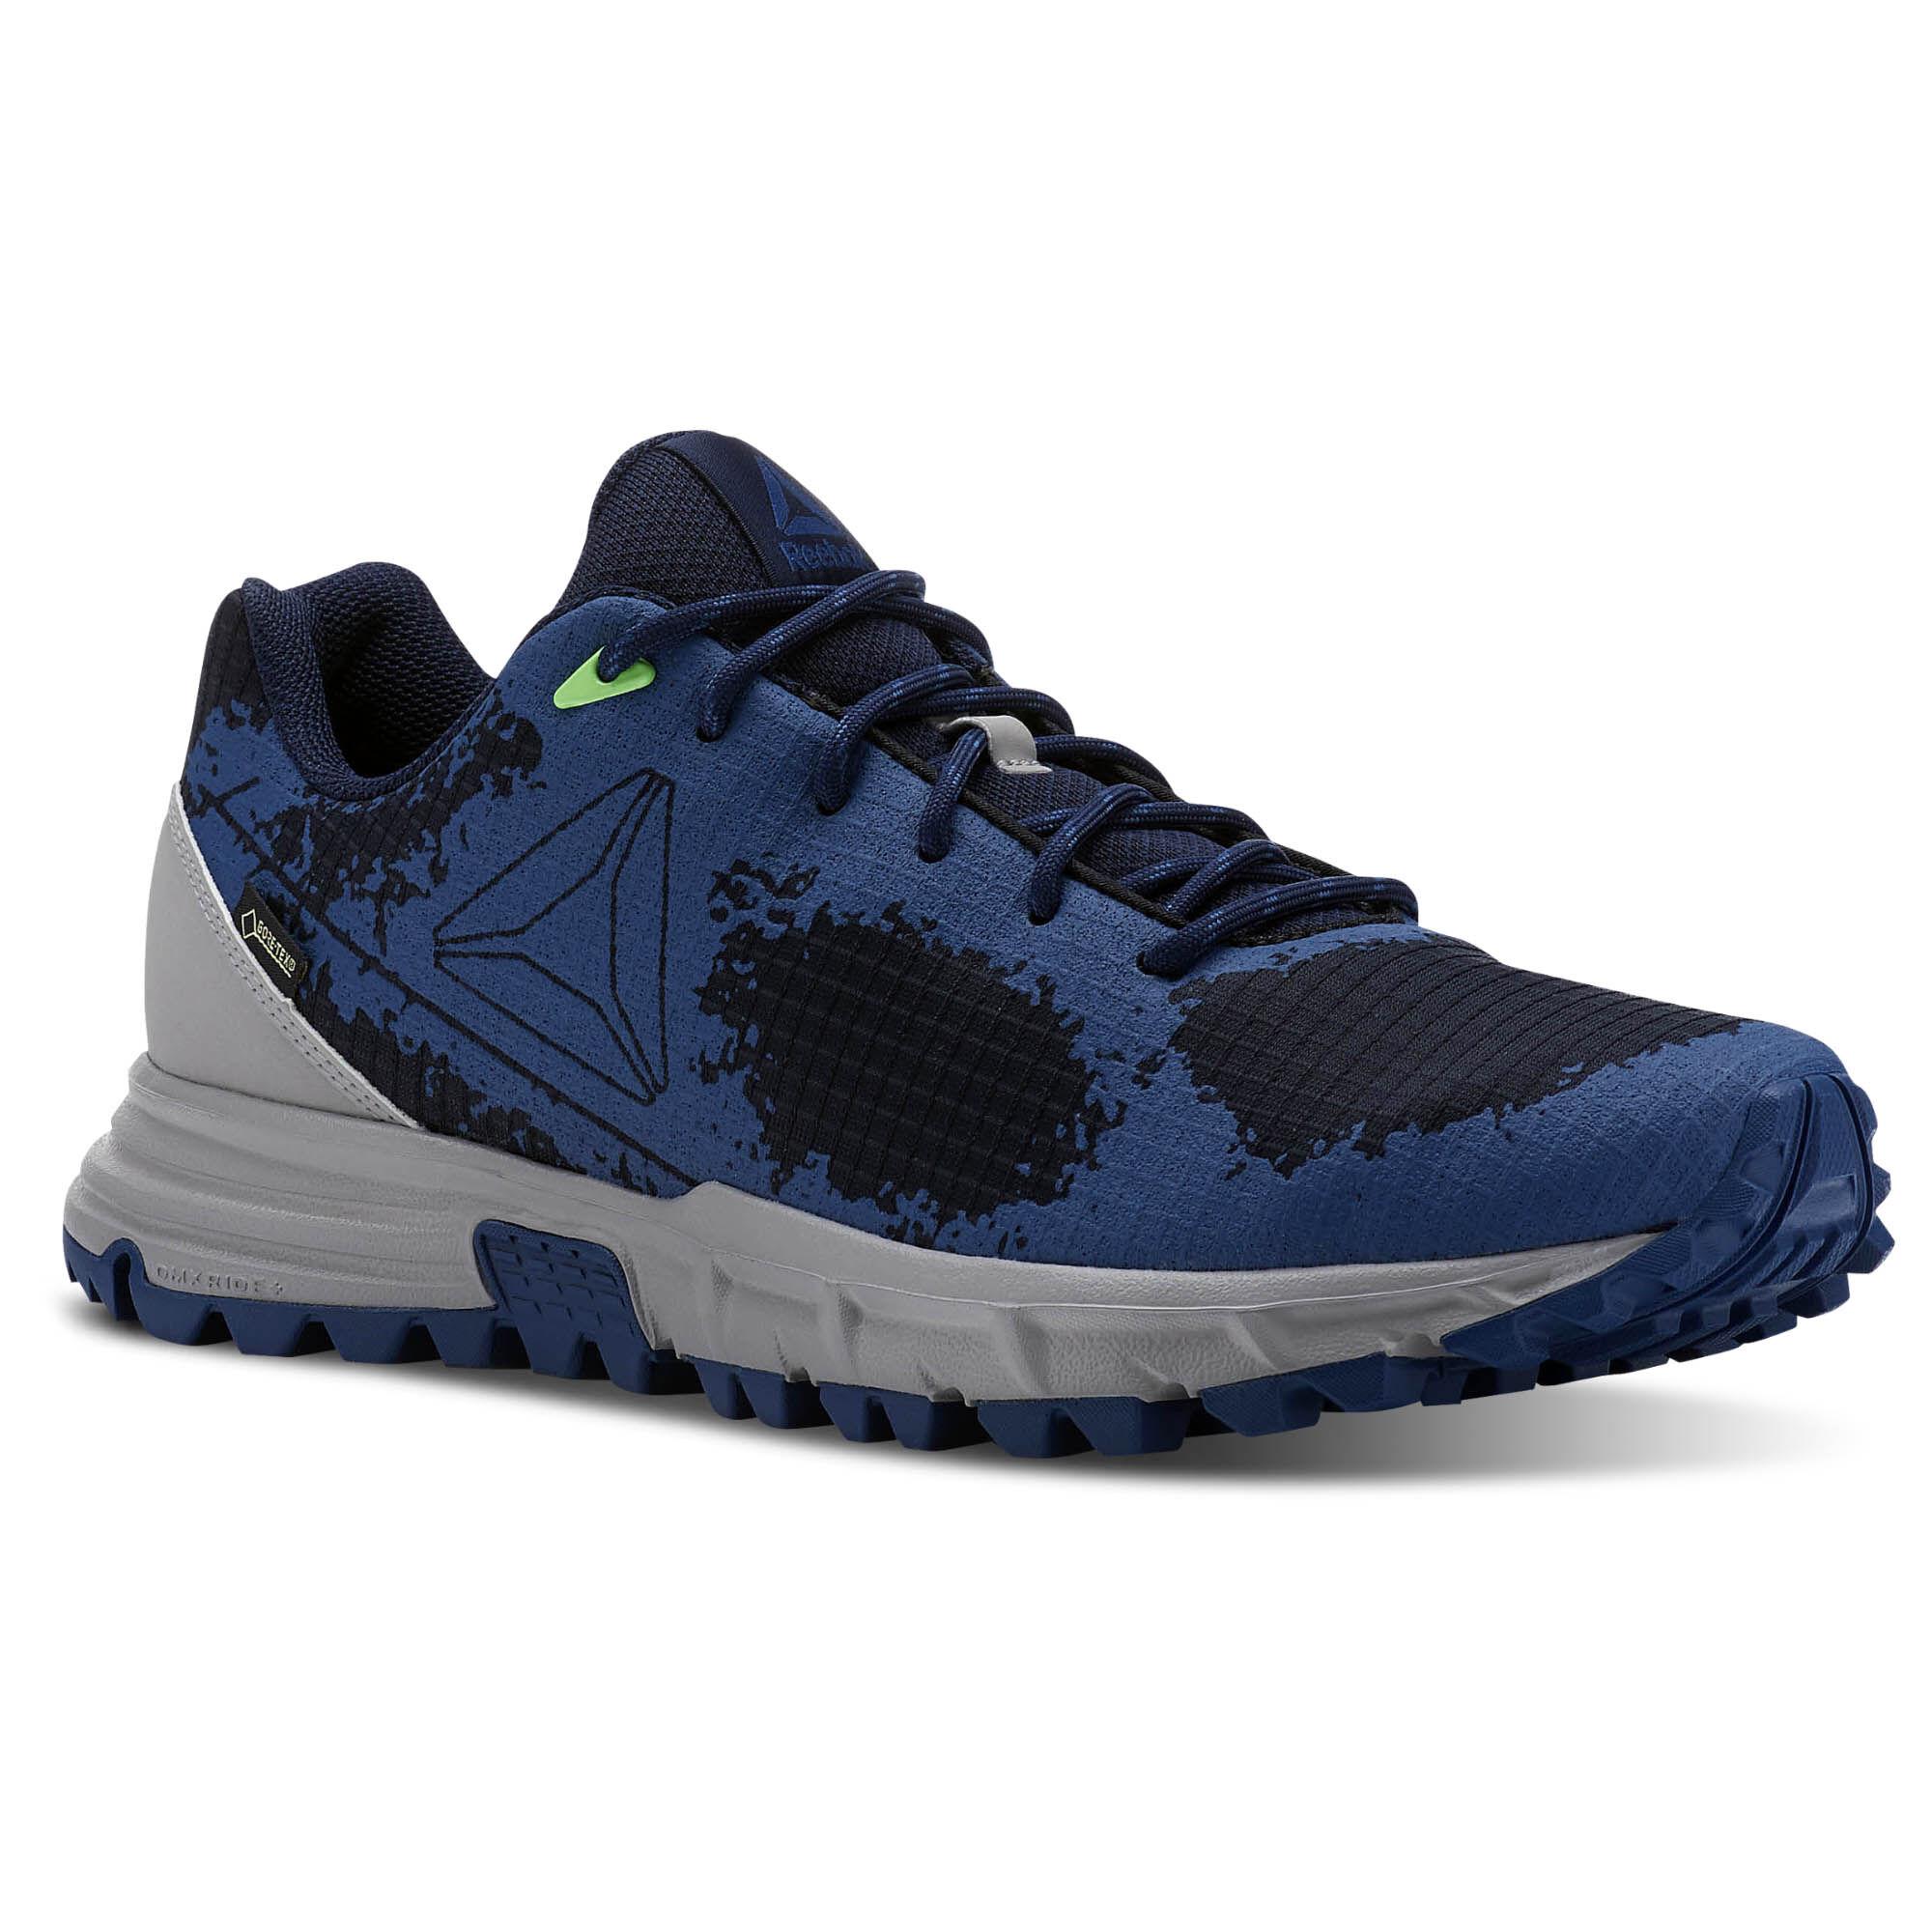 Reebok SAWCUT GTX 6.0 - Trail running shoes - blue